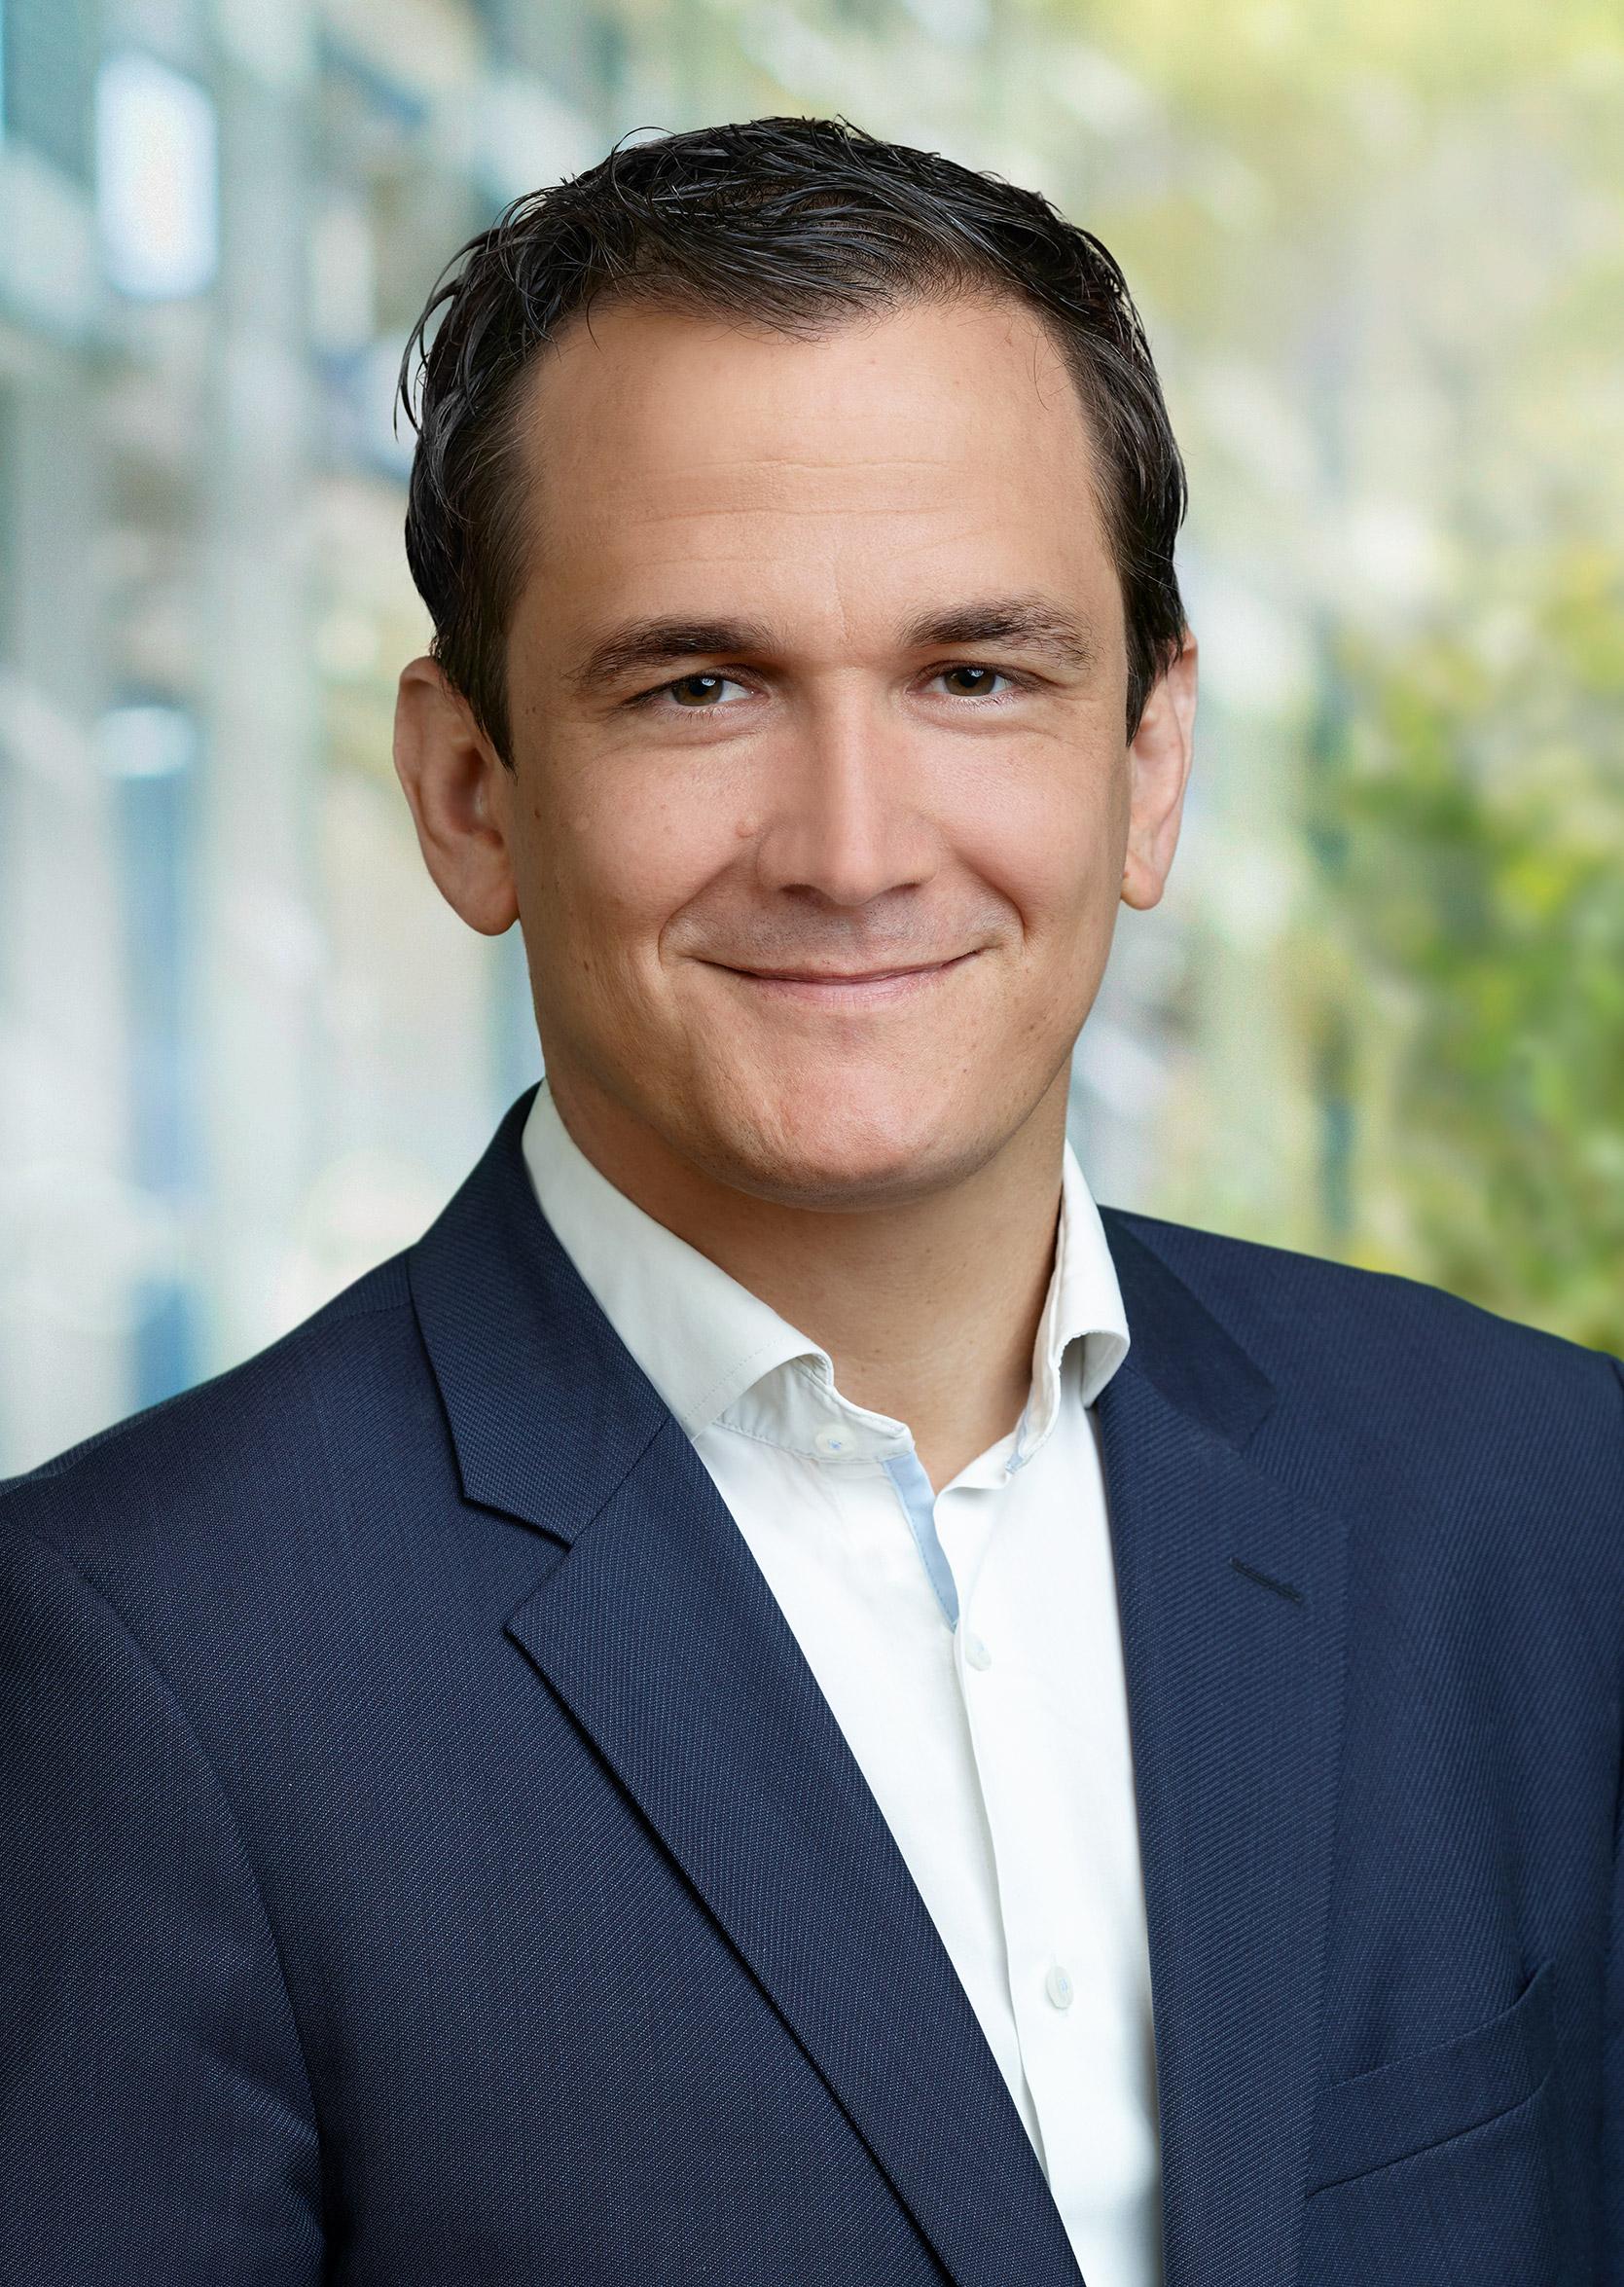 Politik: Jens-Peter Nettekoven, sportpolitischer Sprecher CDU-Fraktion im NRW-Landtag